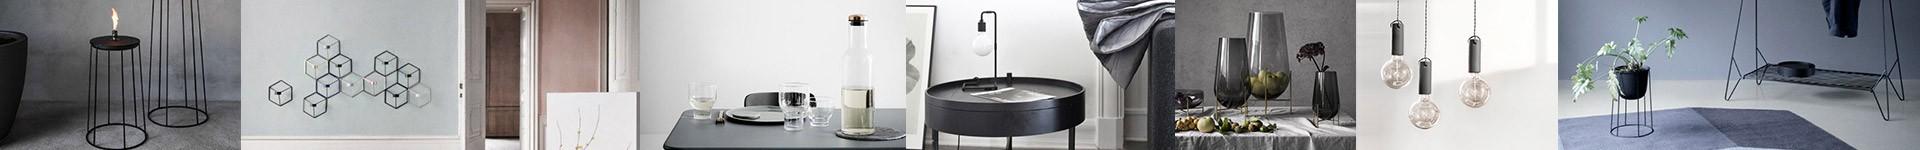 MENU - Design, interiør og møbler fra øverste hylde